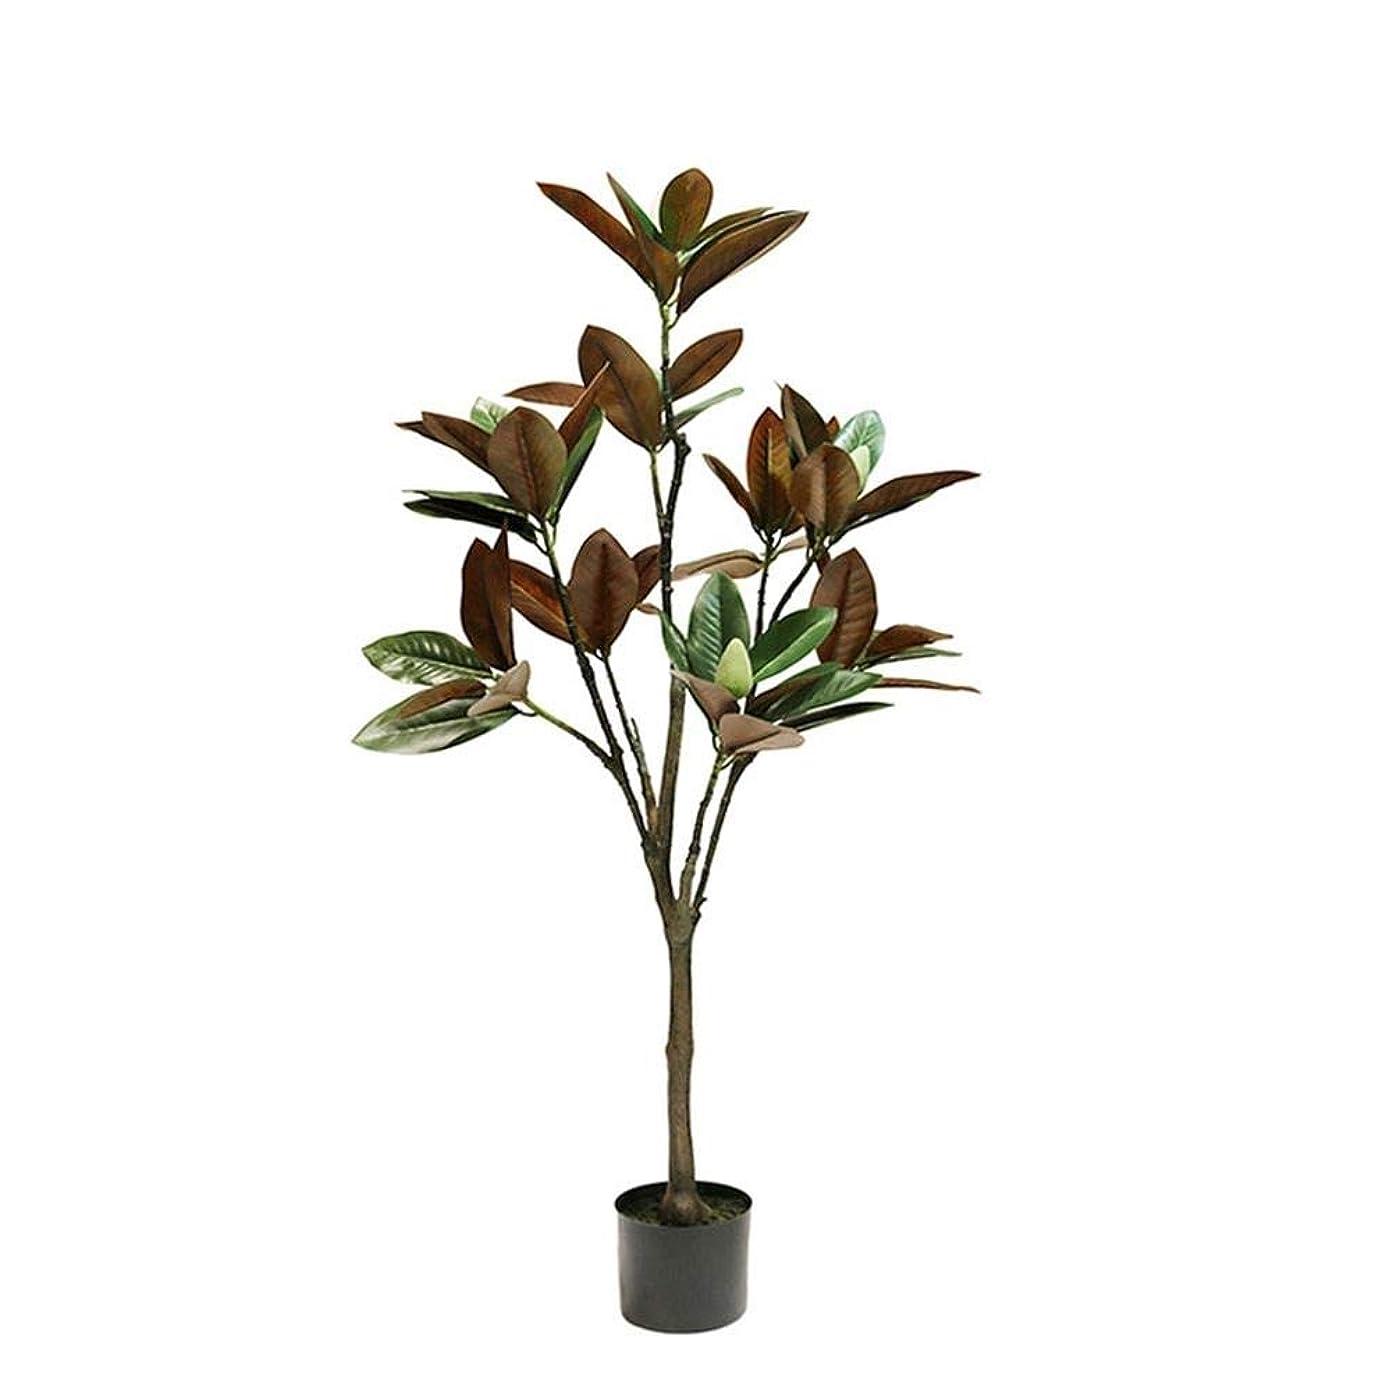 木材議会気晴らしWAYNEYOROSH シミュレーションマグノリアの木アメリカの中国のフローリング緑の植物鉢植えの風景の装飾グリーンホーム (色 : オレンジ, サイズ : 120cm)